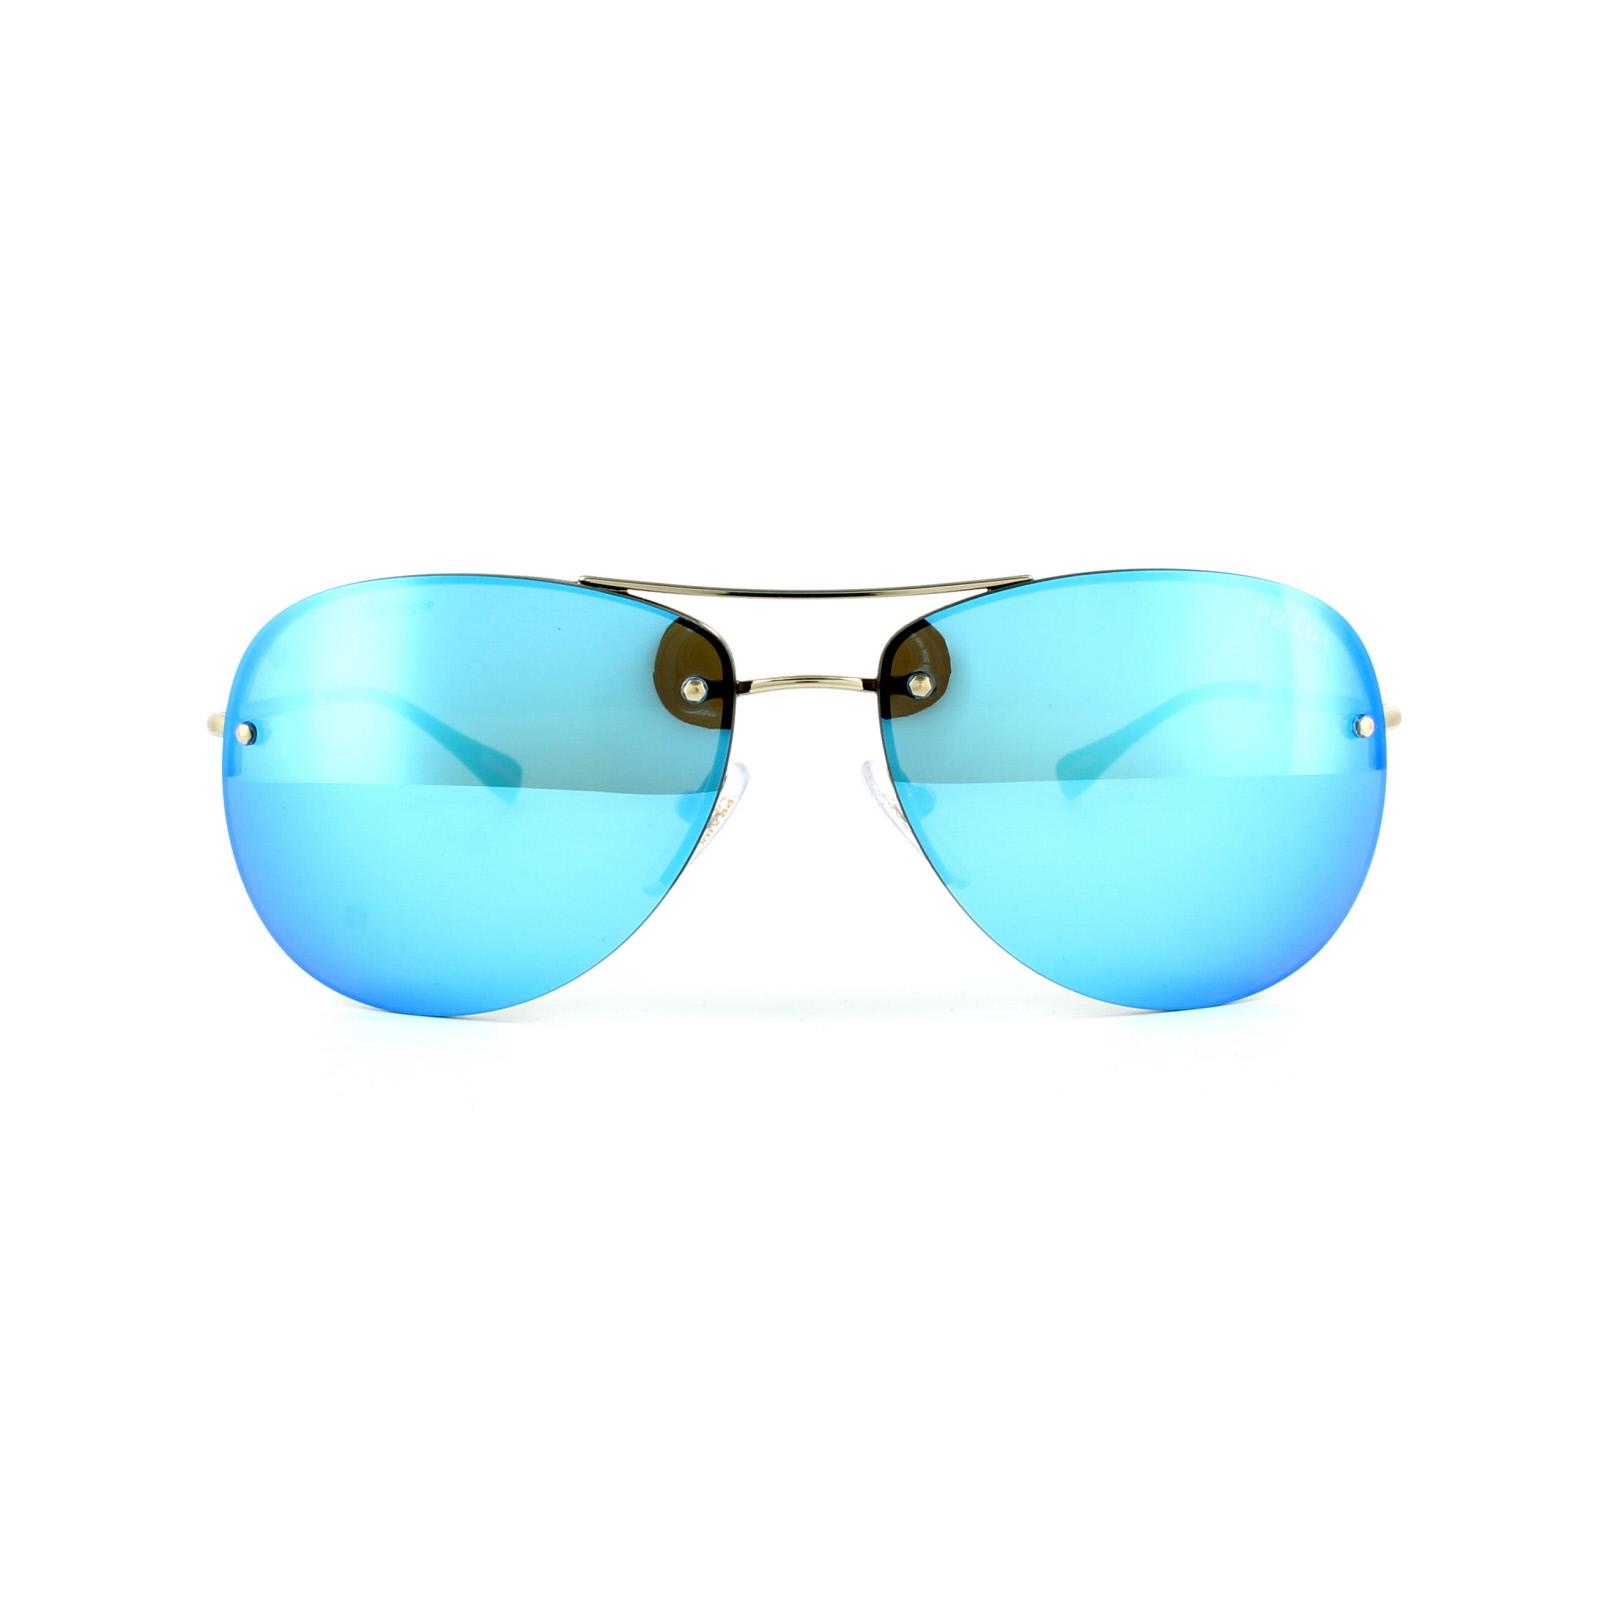 6fd1eada57 ... promo code for prada sport 50rs sunglasses thumbnail 1 prada sport 50rs  sunglasses thumbnail 2 93776